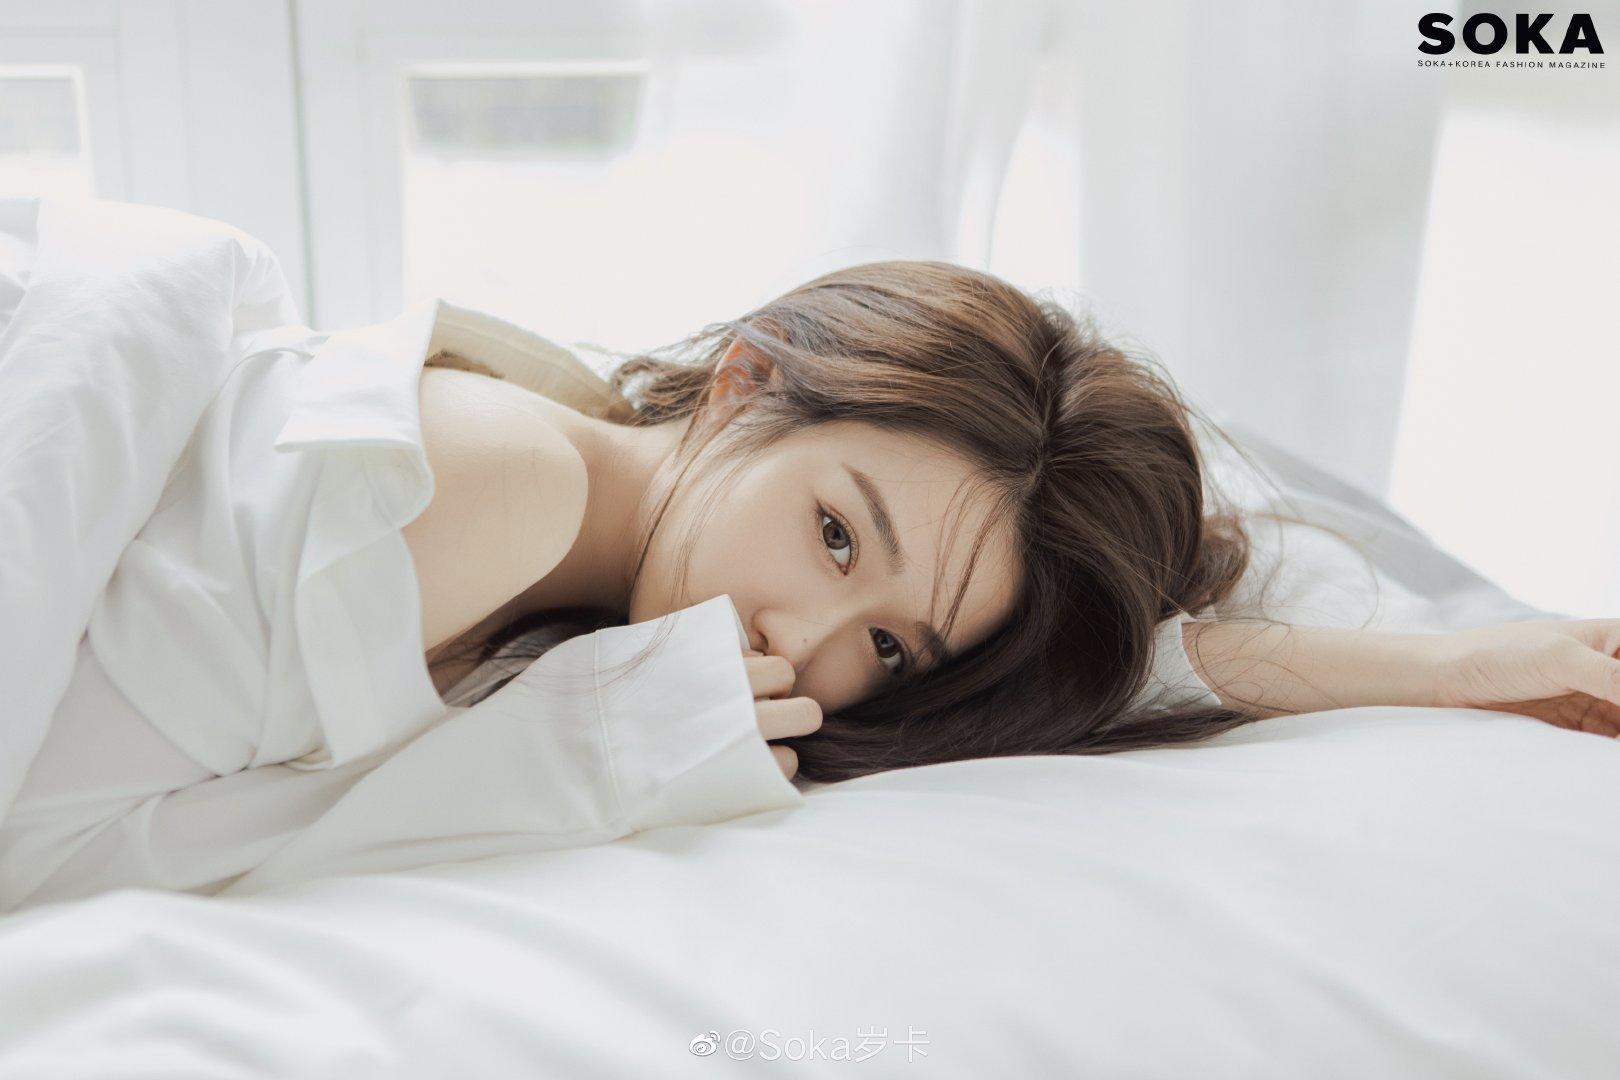 韩系风 SOKA 纯白少女写真图集-觅爱图